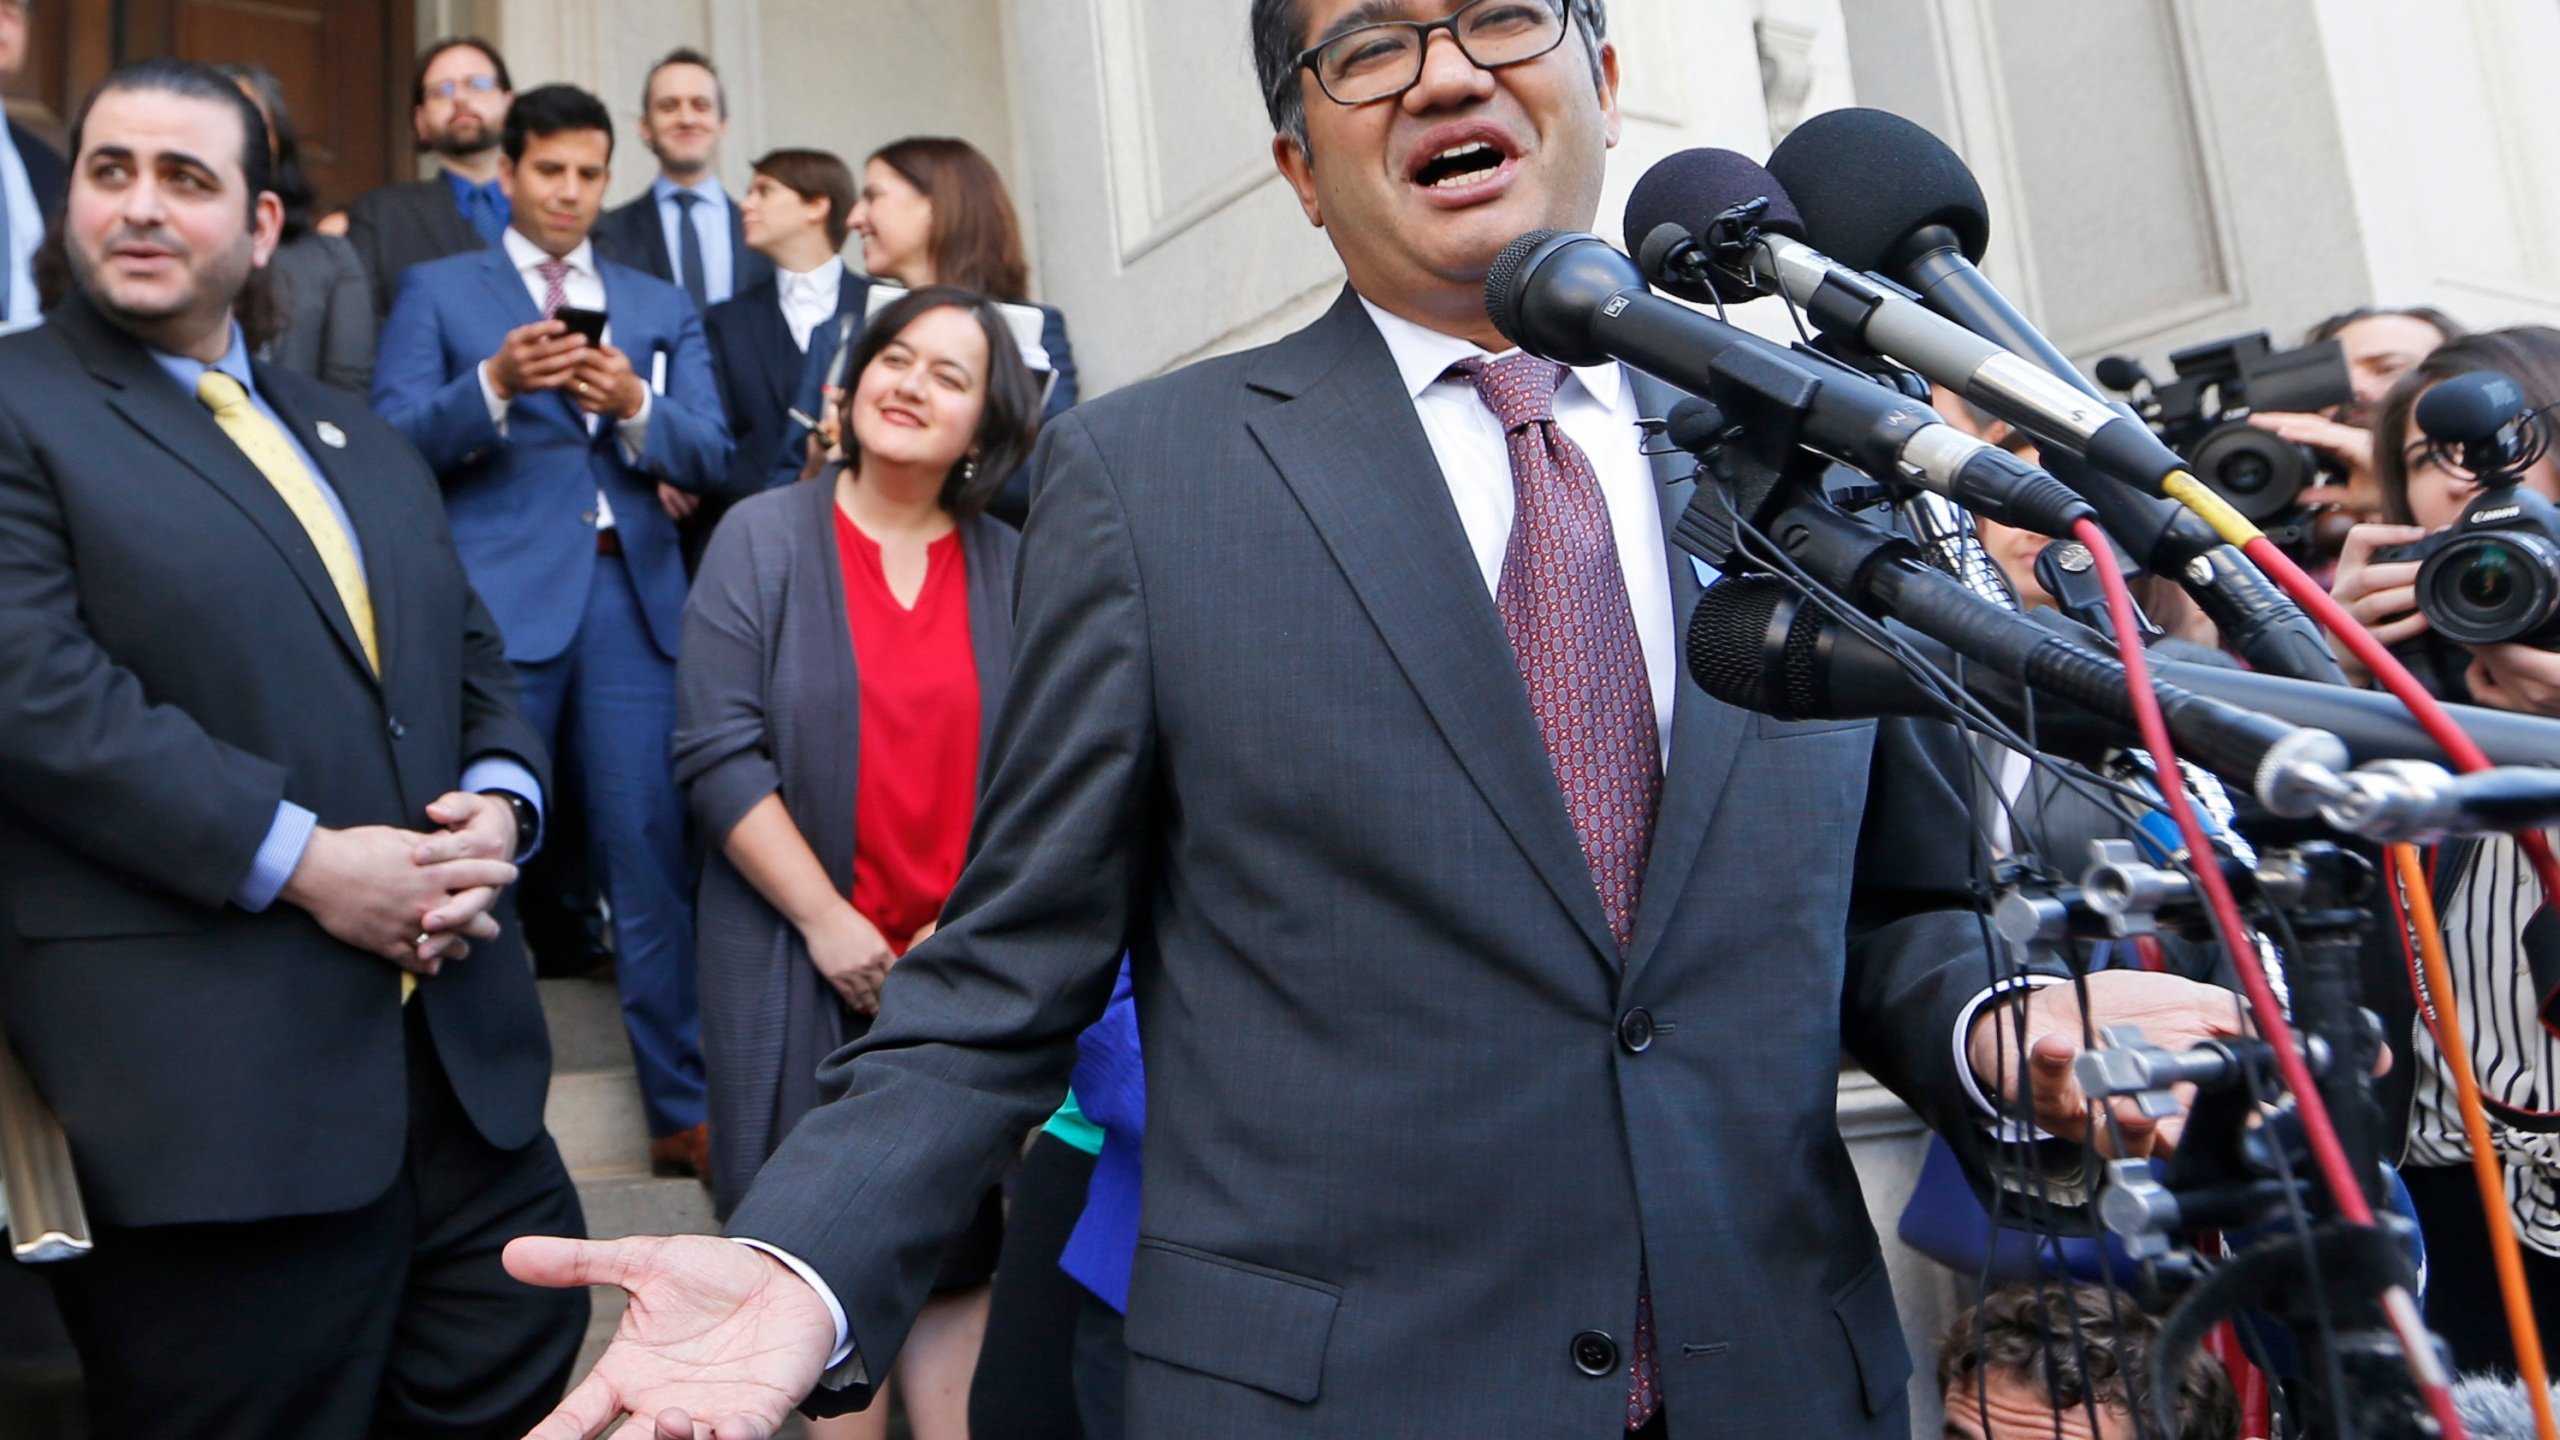 Omar Jadwat 4th US CIrcuit Court of Appeals Photo by Steve Helber, AP Photo_333264